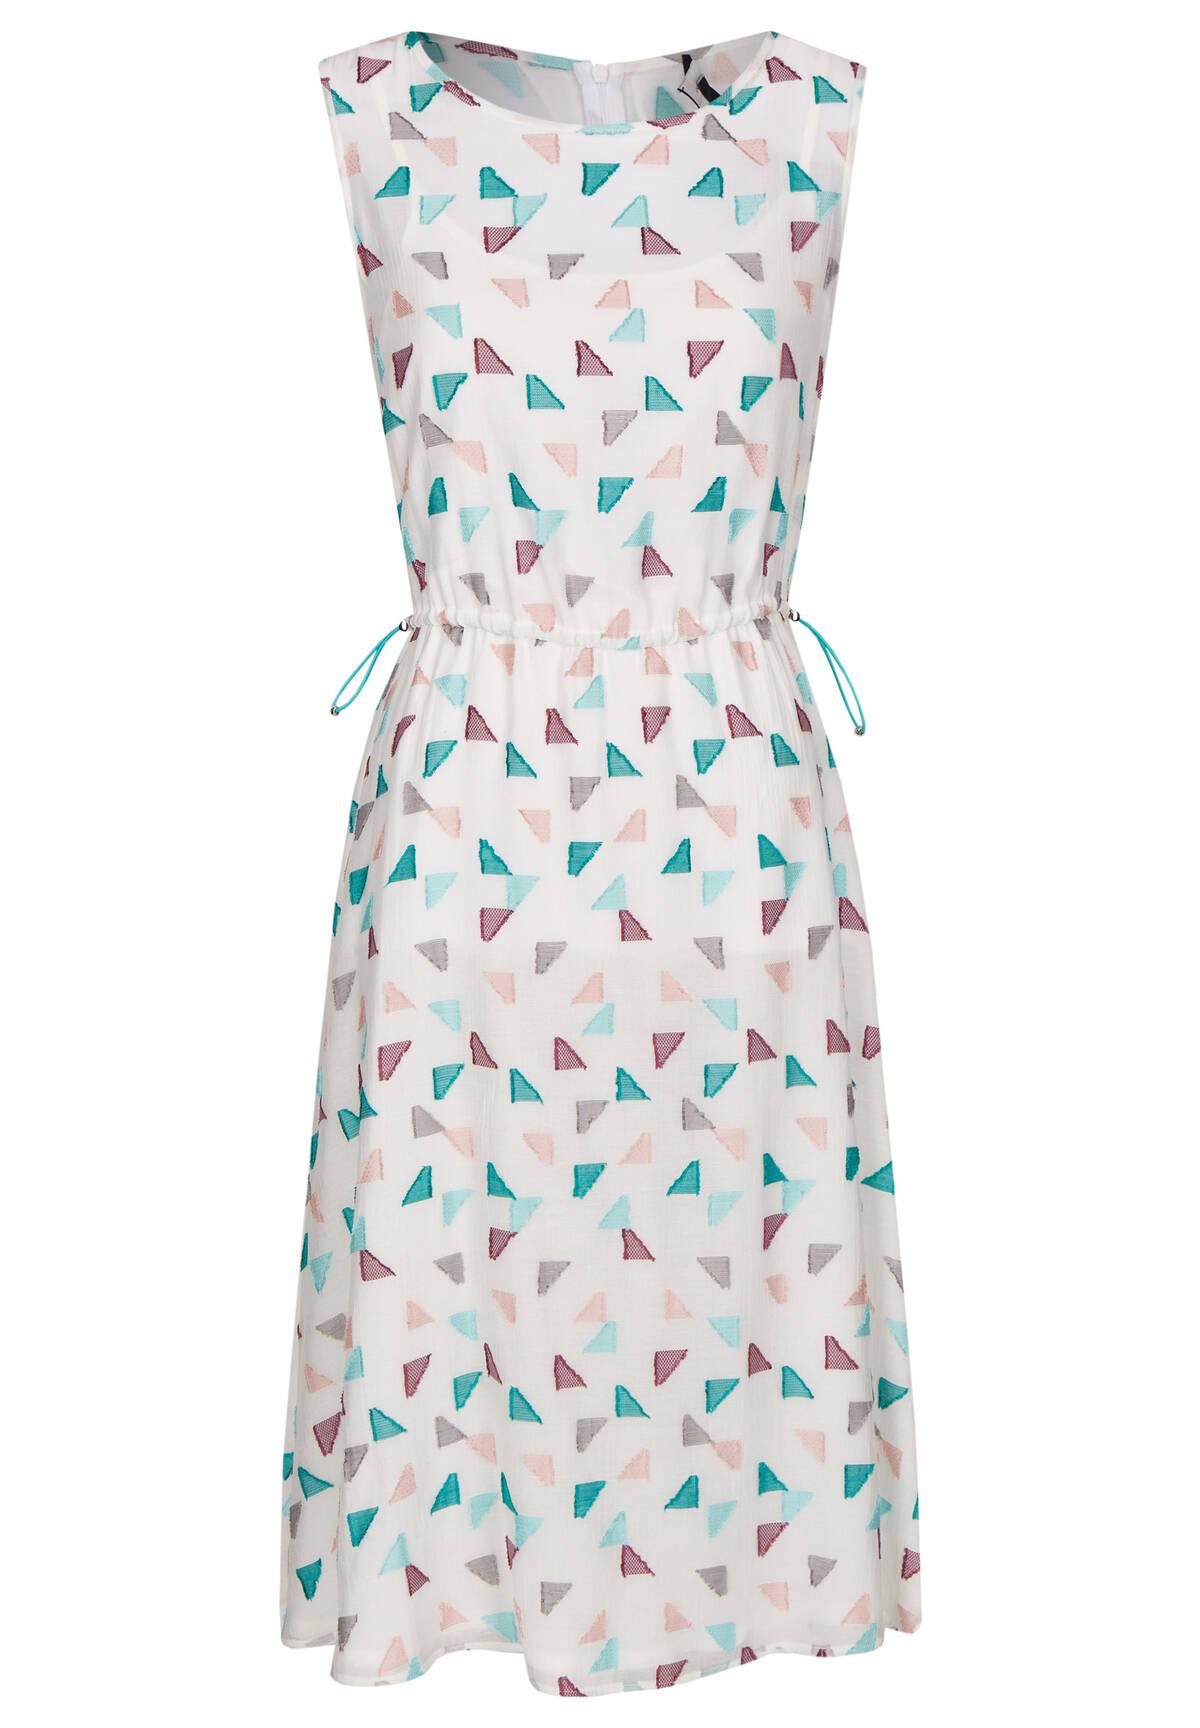 Weitenverstellbares Kleid im grafischen Design / Dress